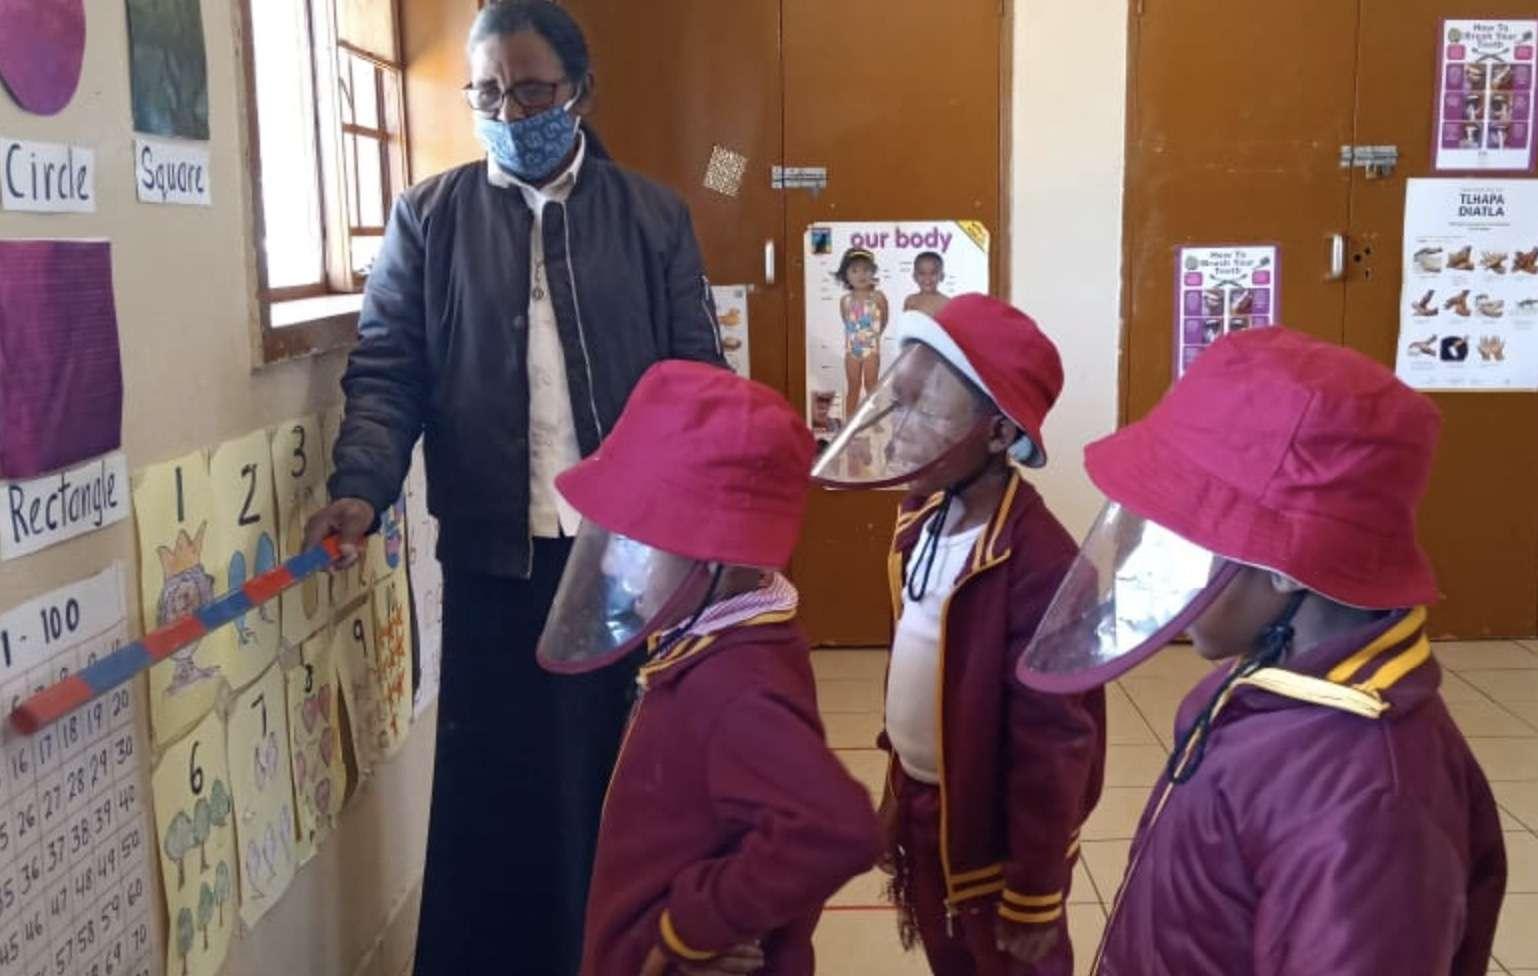 Sisters' preschools resume in Botswana